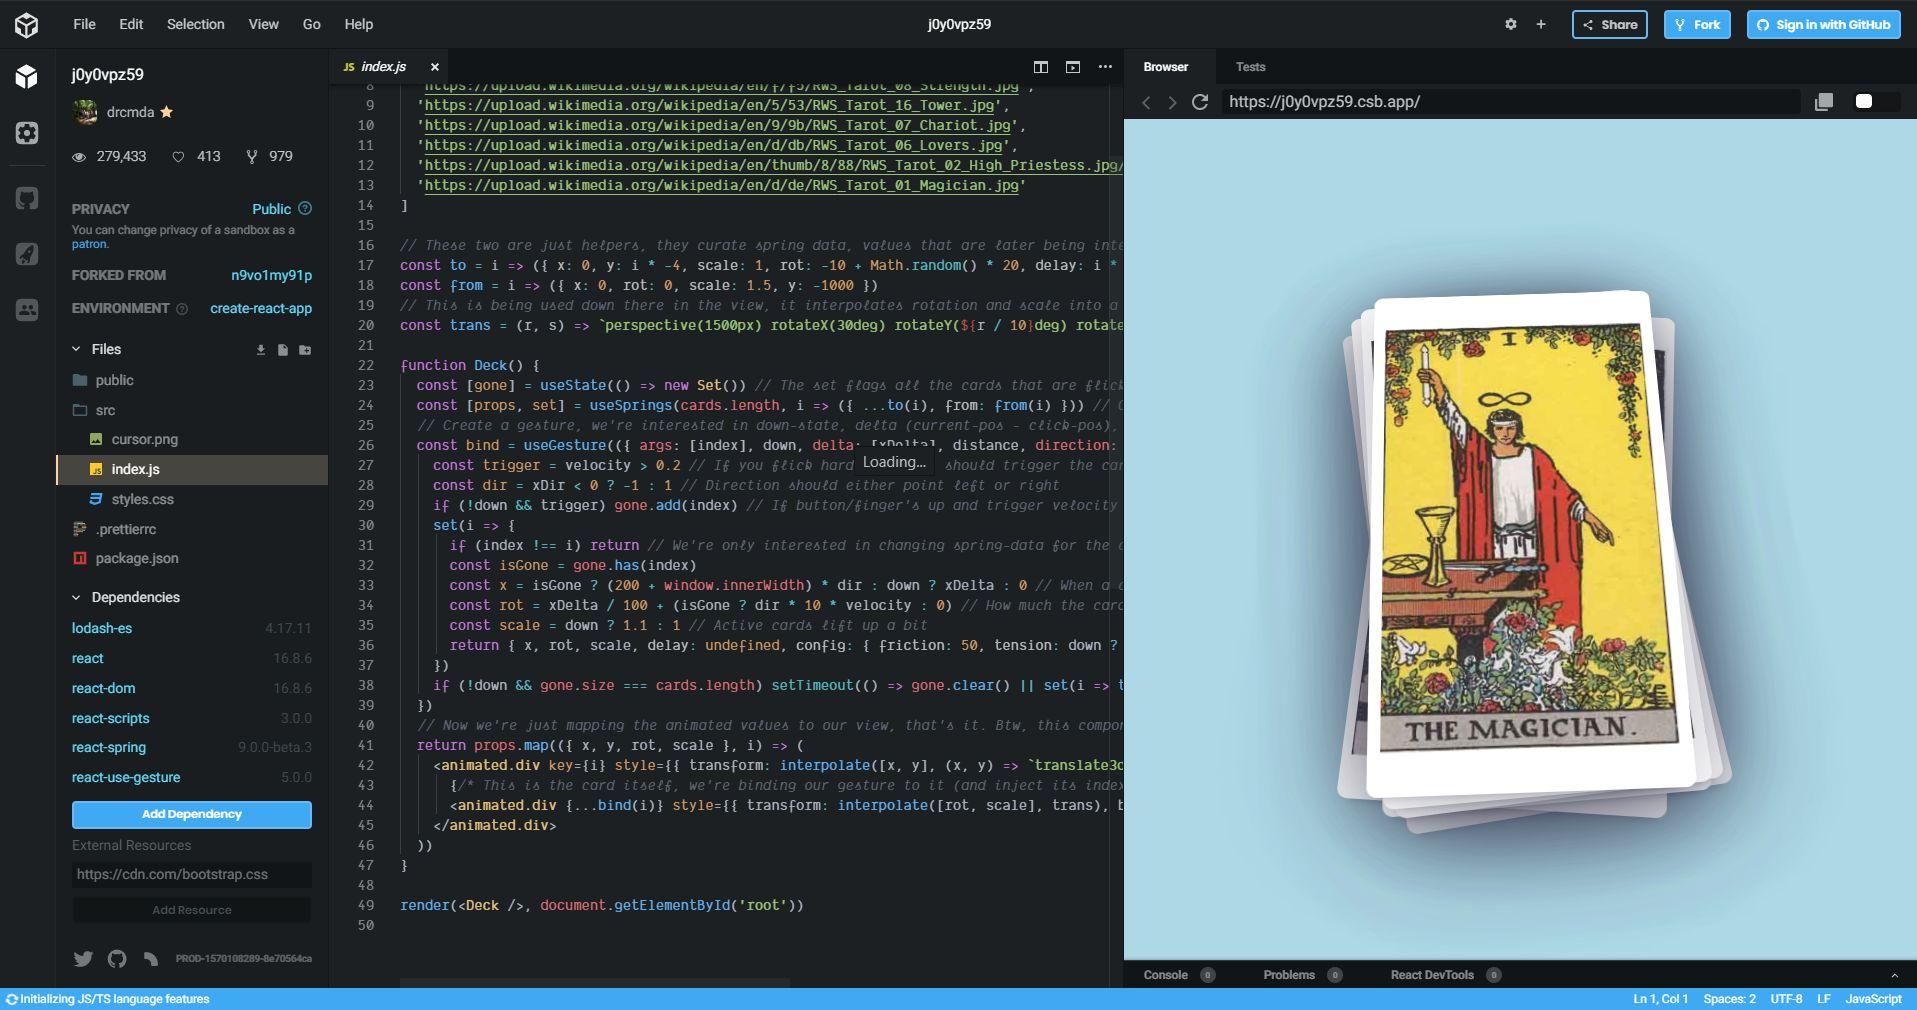 screenshot of codesandbox.io interface